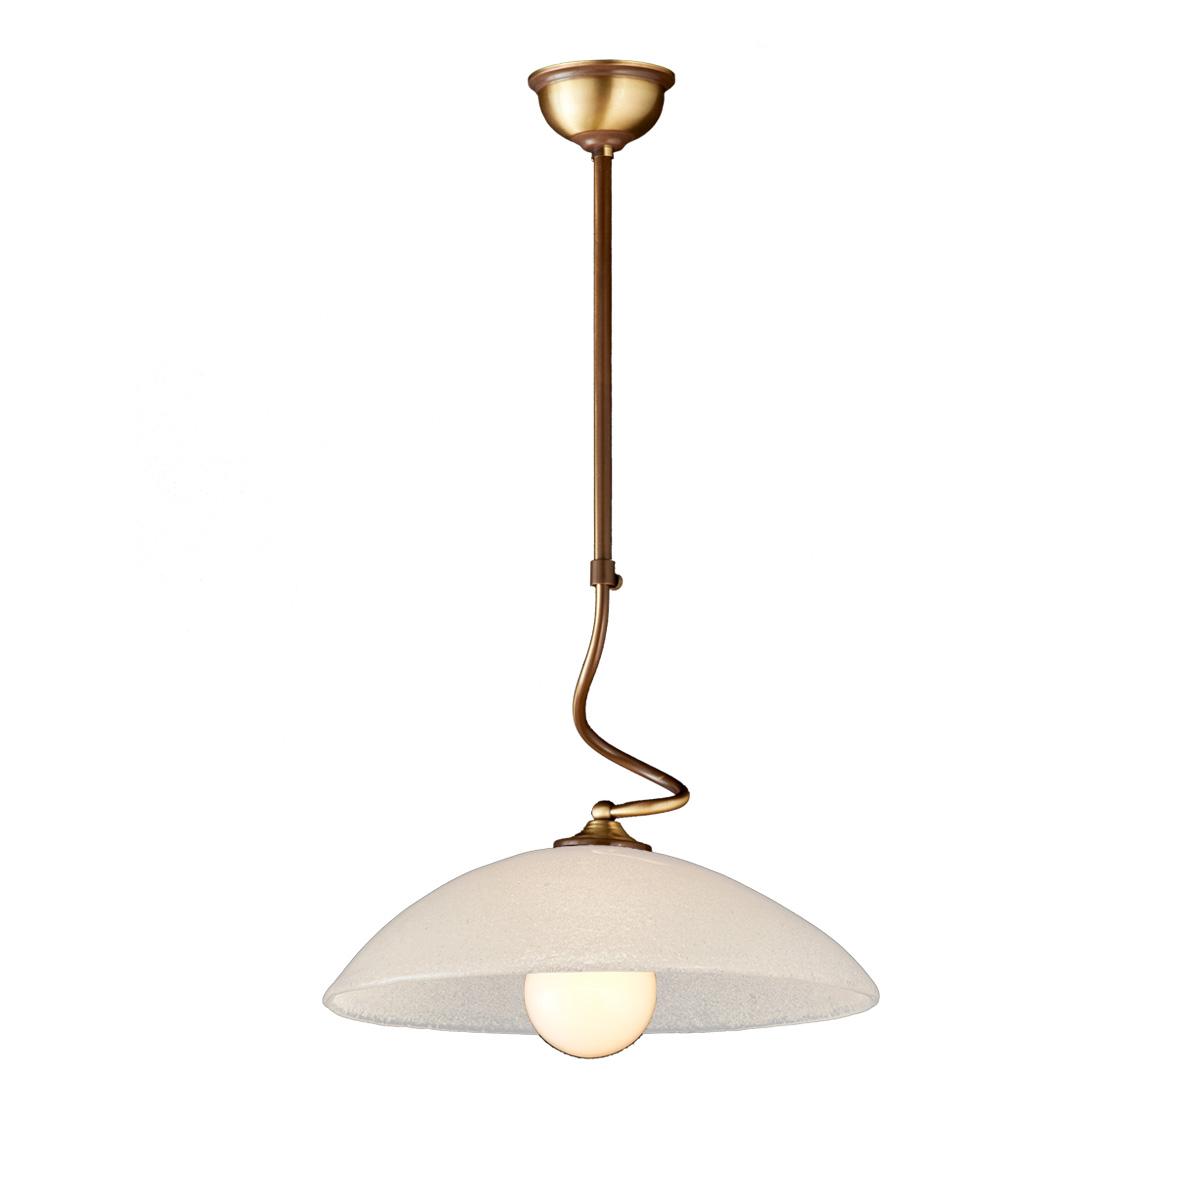 Κρεμαστό φωτιστικό Μουράνο ΝΑΞΟΣ-1 suspension lamp with Murano crystal